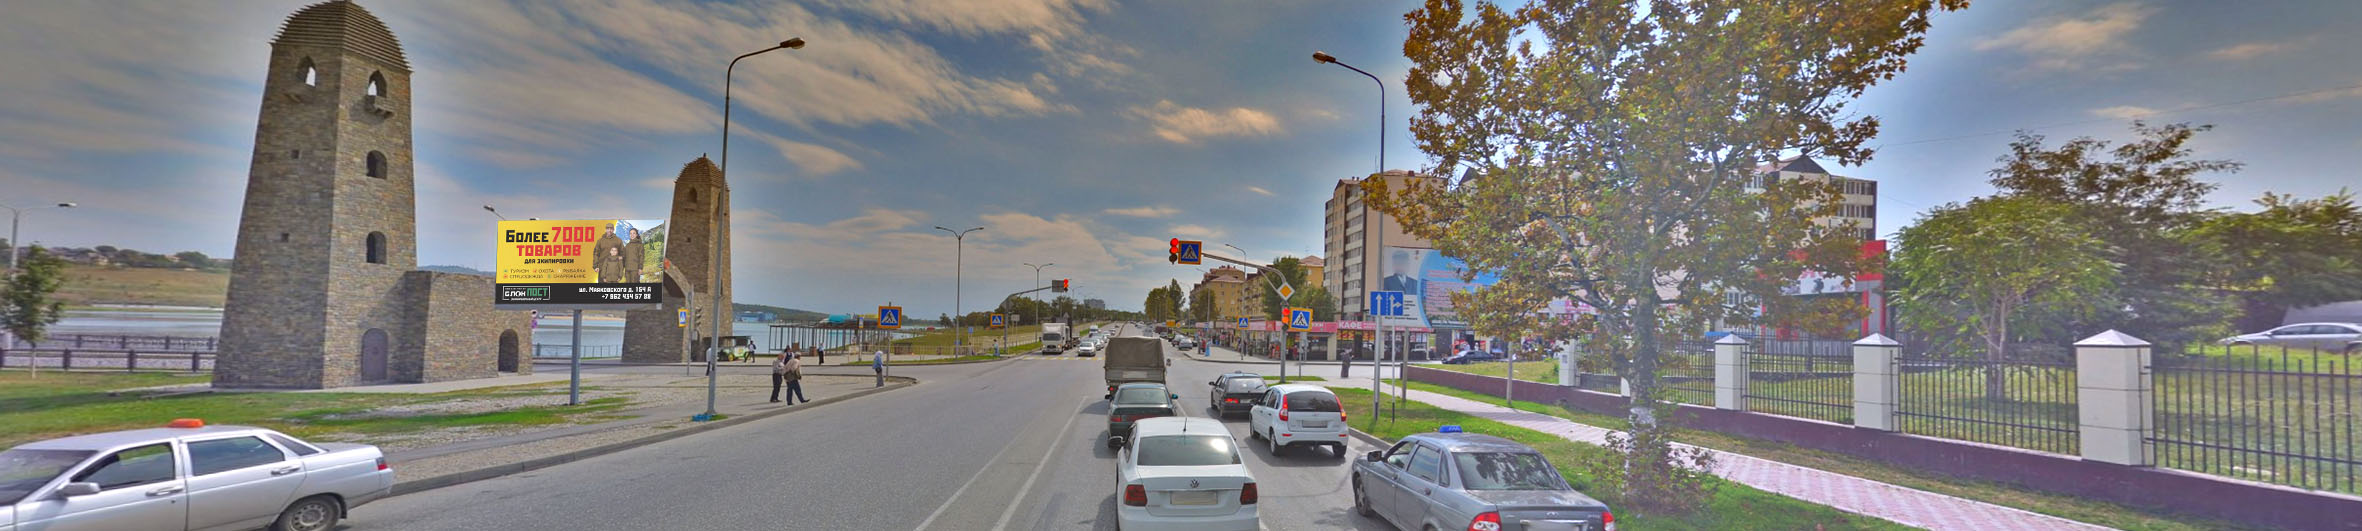 Реклама на билбордах в Чеченской Республике Грозный